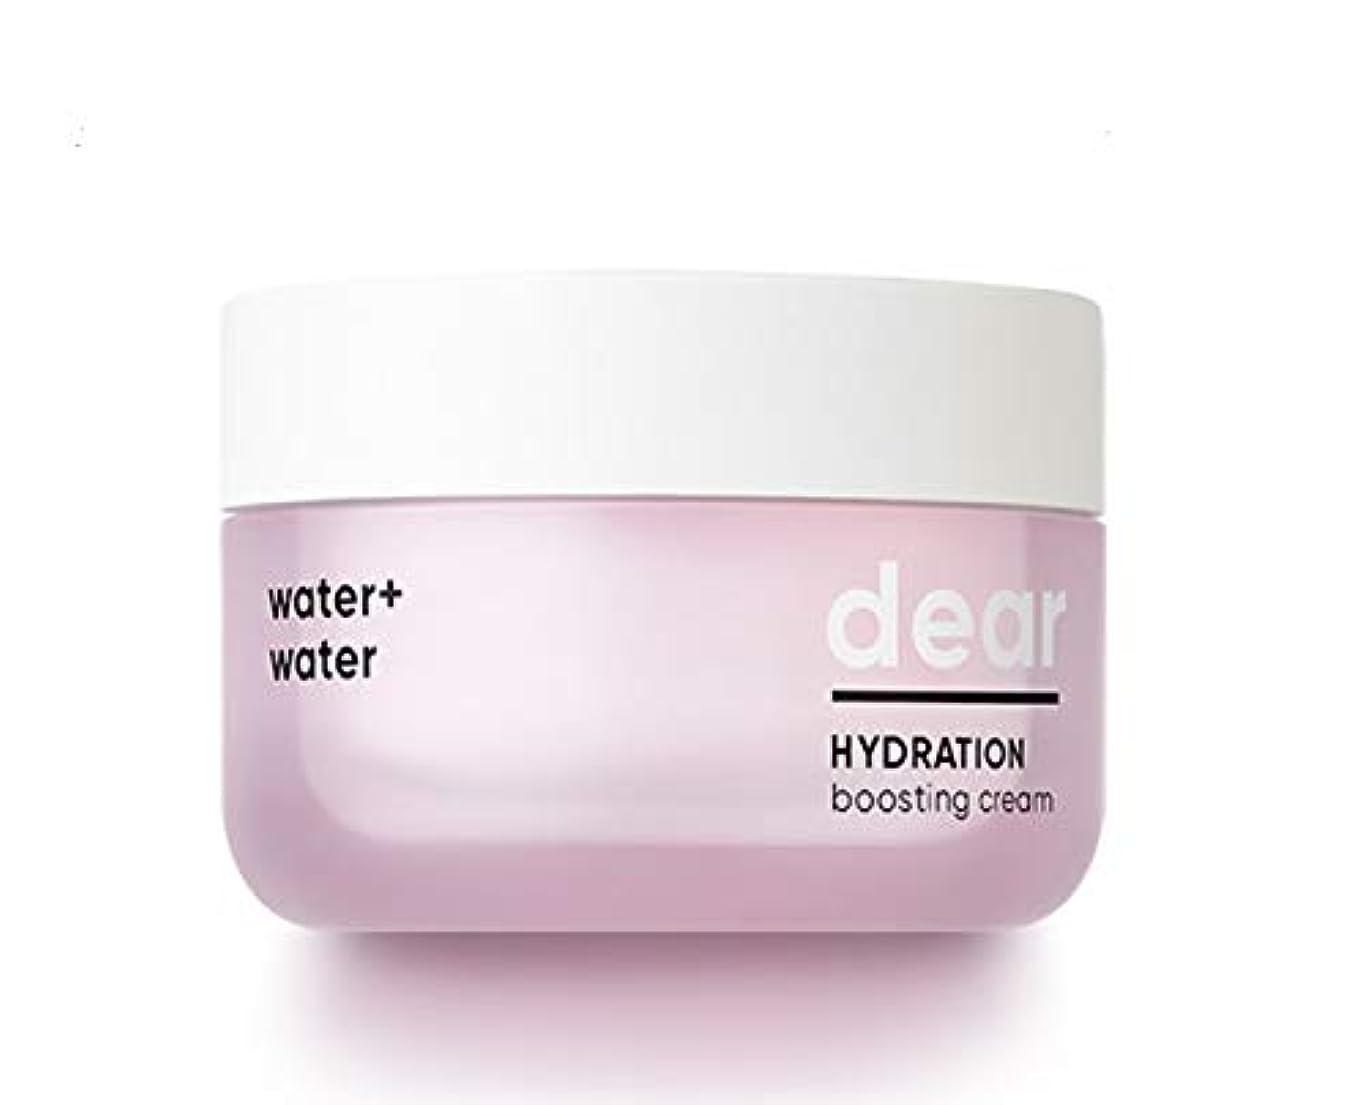 テクニカル桃パラナ川[New] BANILA CO dear Hydration Boosting Cream 50ml / (Banila co) パニルラ鼻ディアハイドゥレイションブースティングクリーム50ml [並行輸入品]